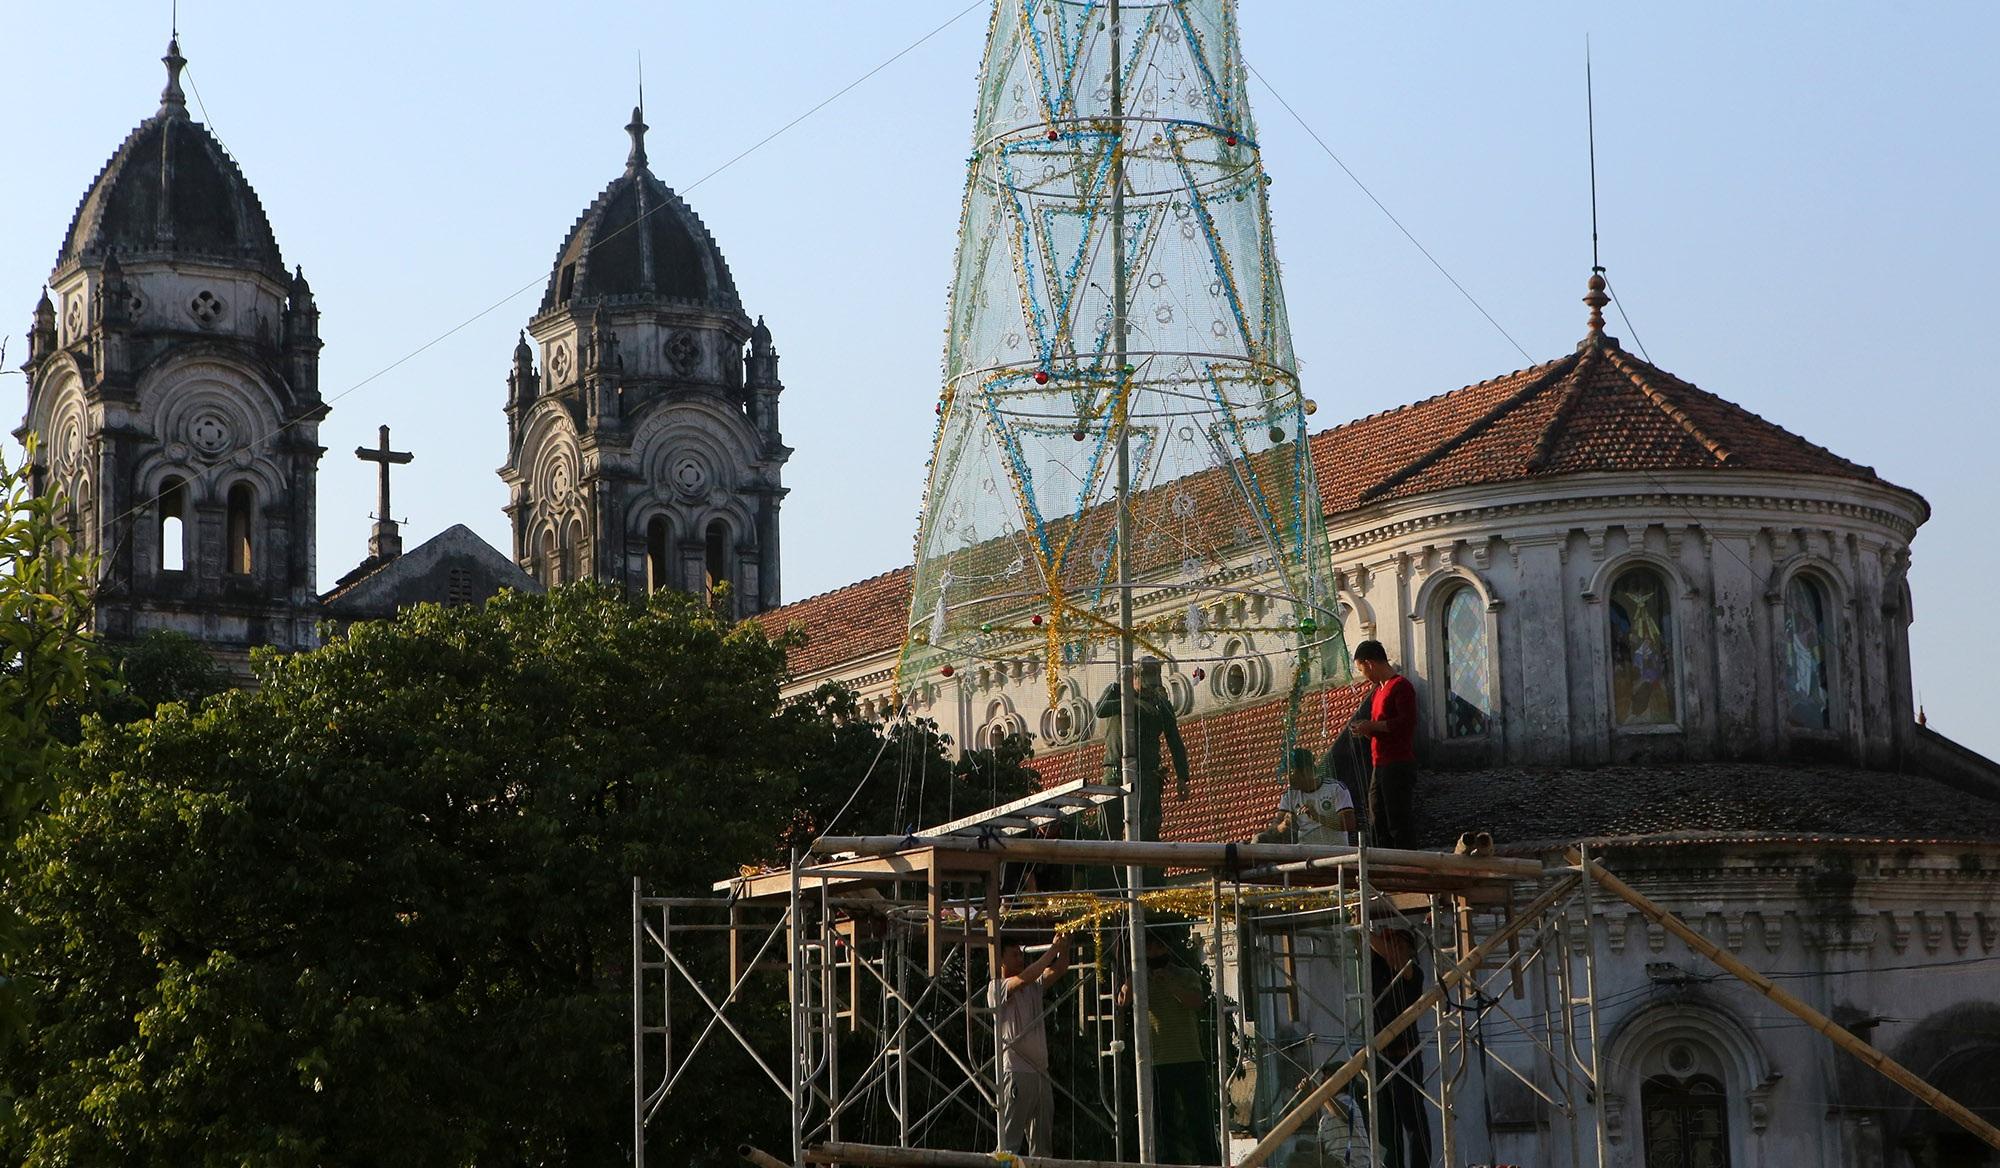 Các nhà thờ ở Hà Nội trang hoàng đón Noel 2019 - 11